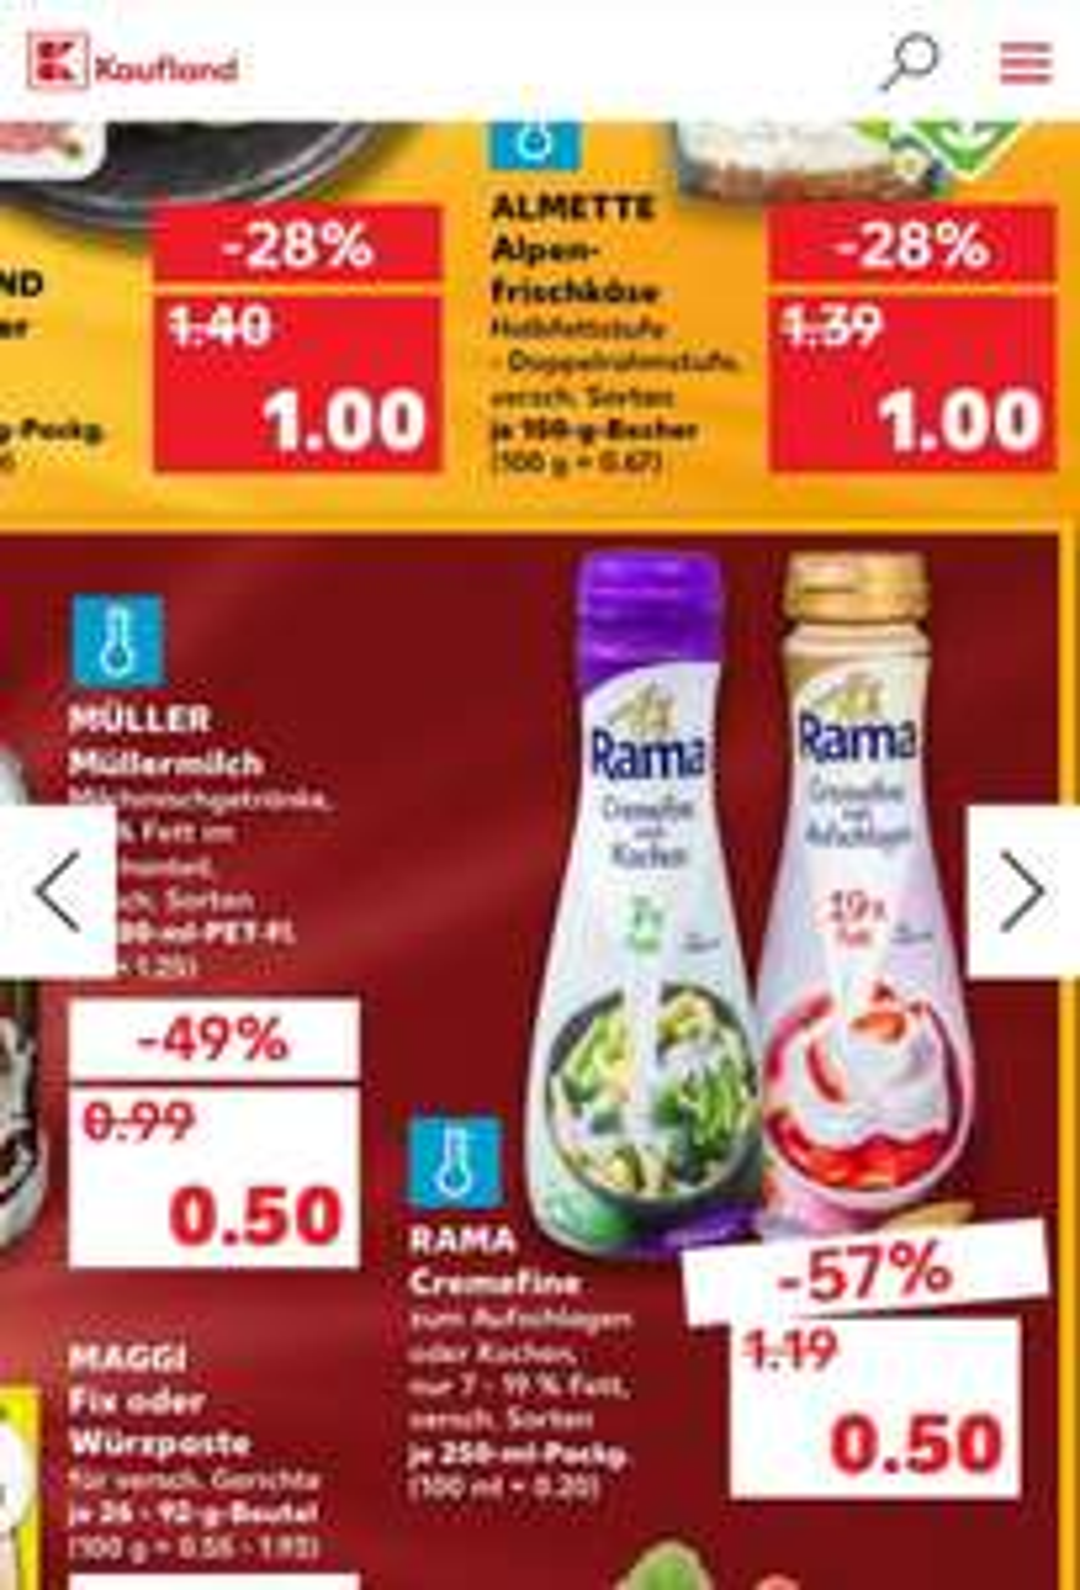 Rama Cremefine für 0,10€ dank Cashback bei Kaufland ab 04.02.